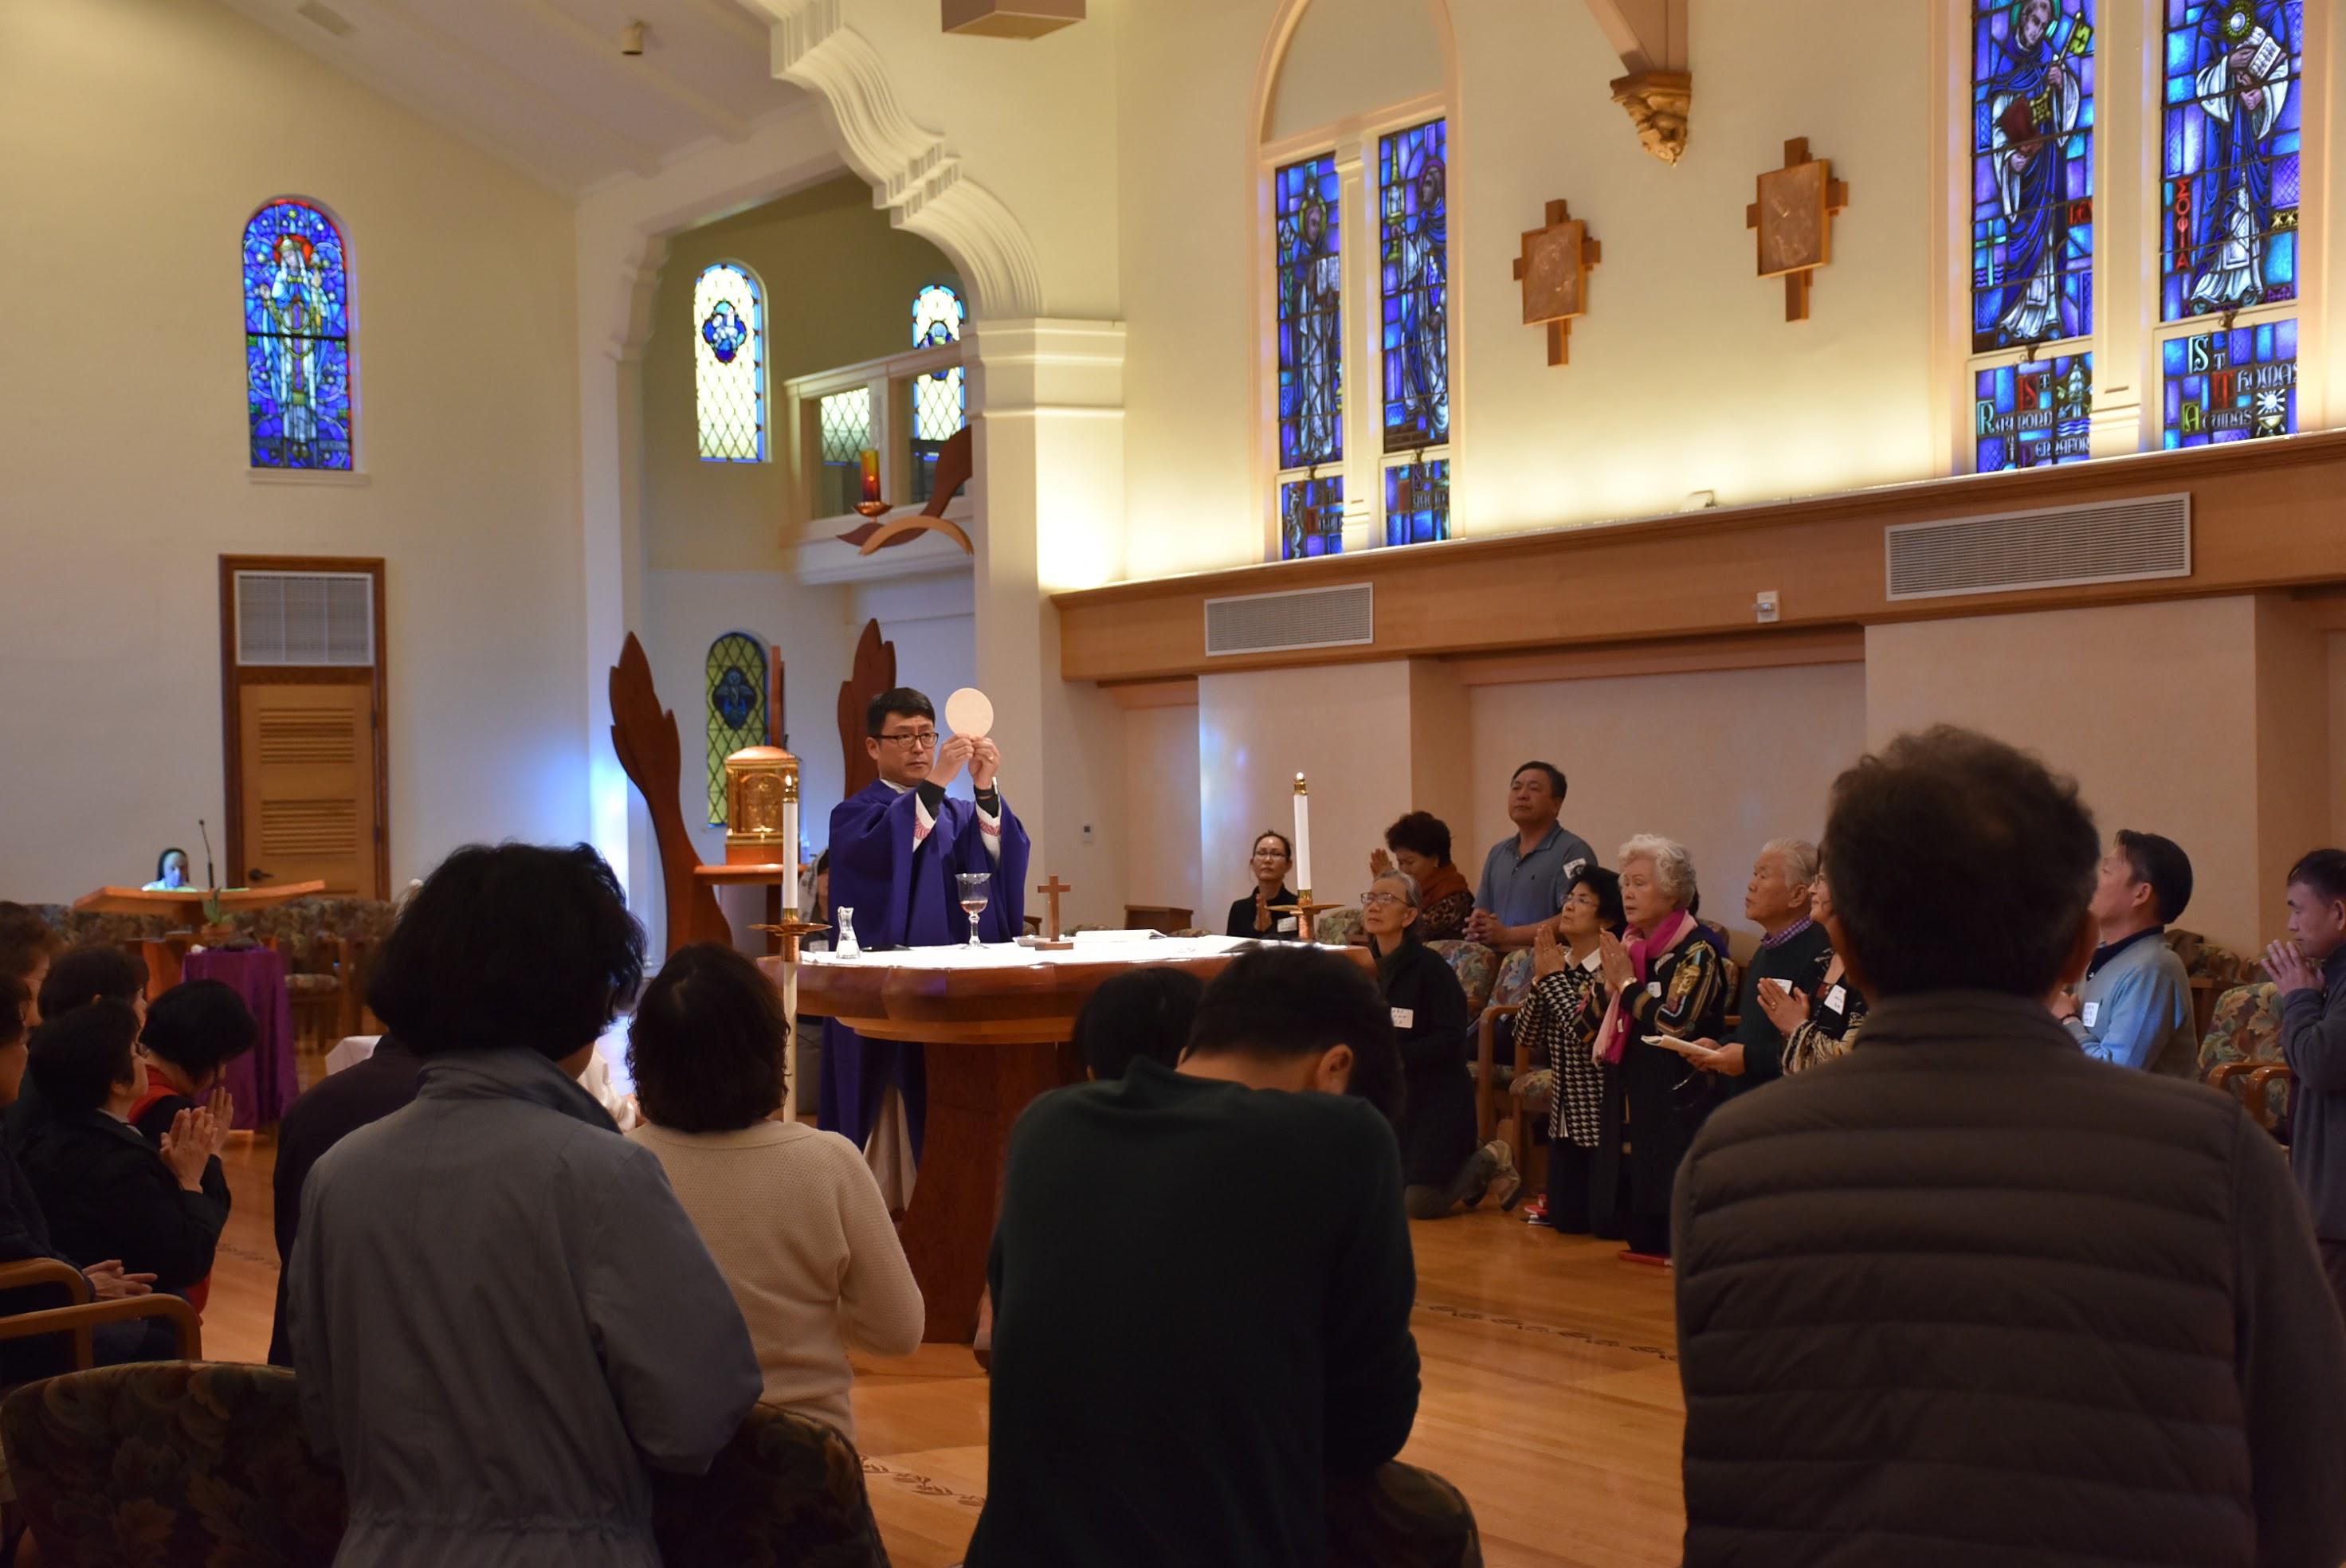 북가주 성령 쇄신 봉사회 일일 피정 Dominican Sisters of Mission San Jose  43326 Mission Circle Fremont 최기홍 바르톨로메오 신부